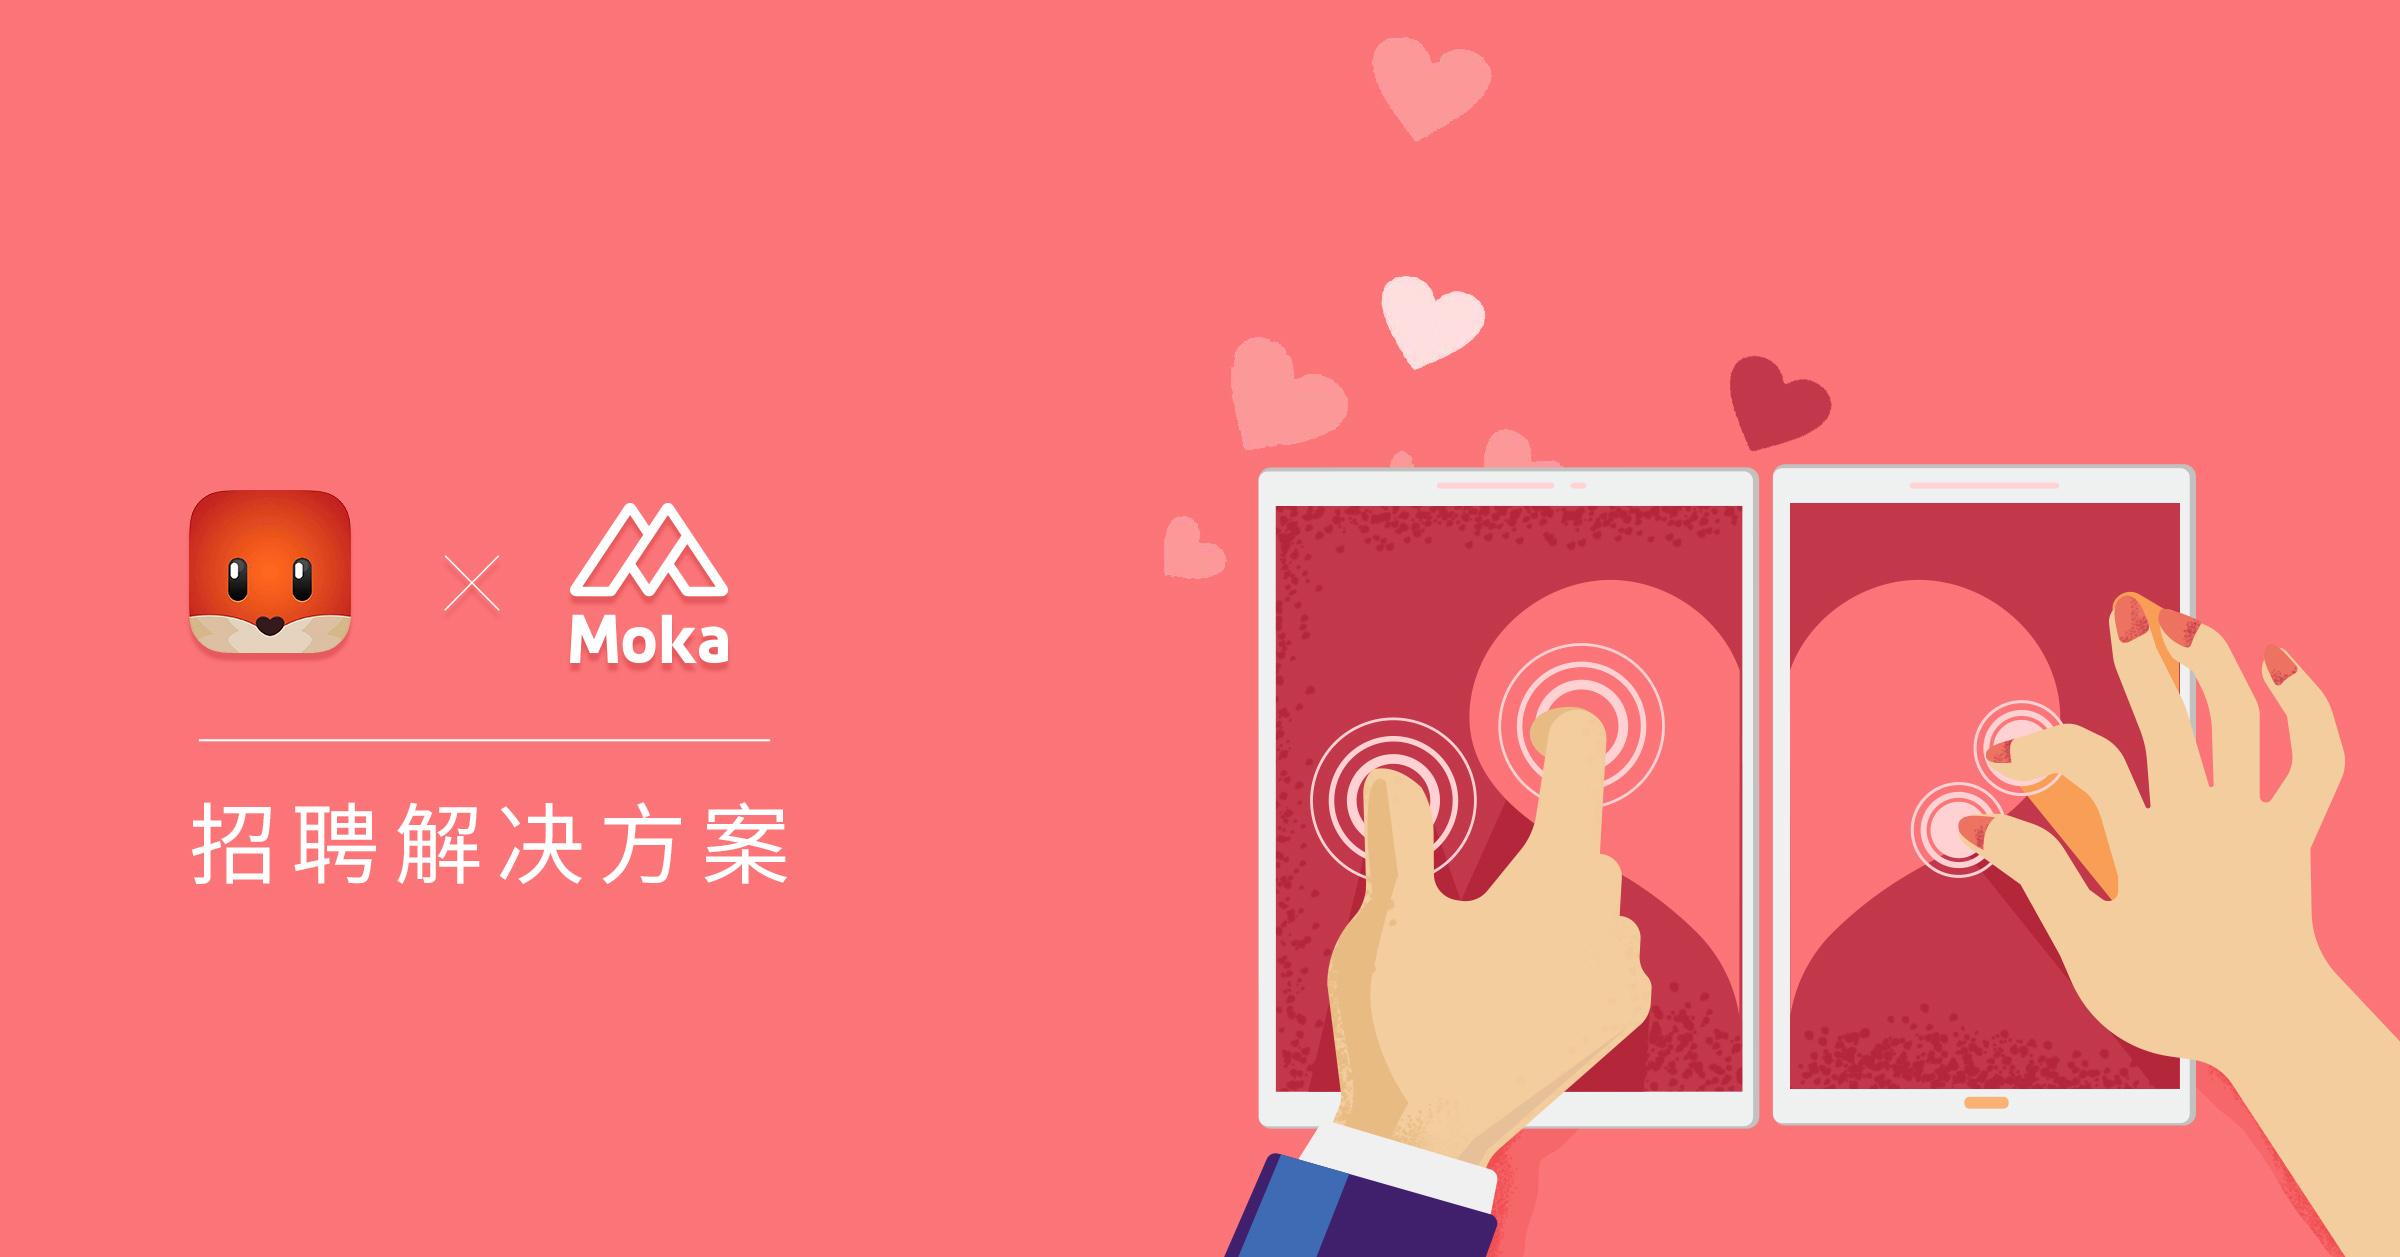 「探探」招聘解决方案-整合资源,促进协同-Moka智能化招聘系统